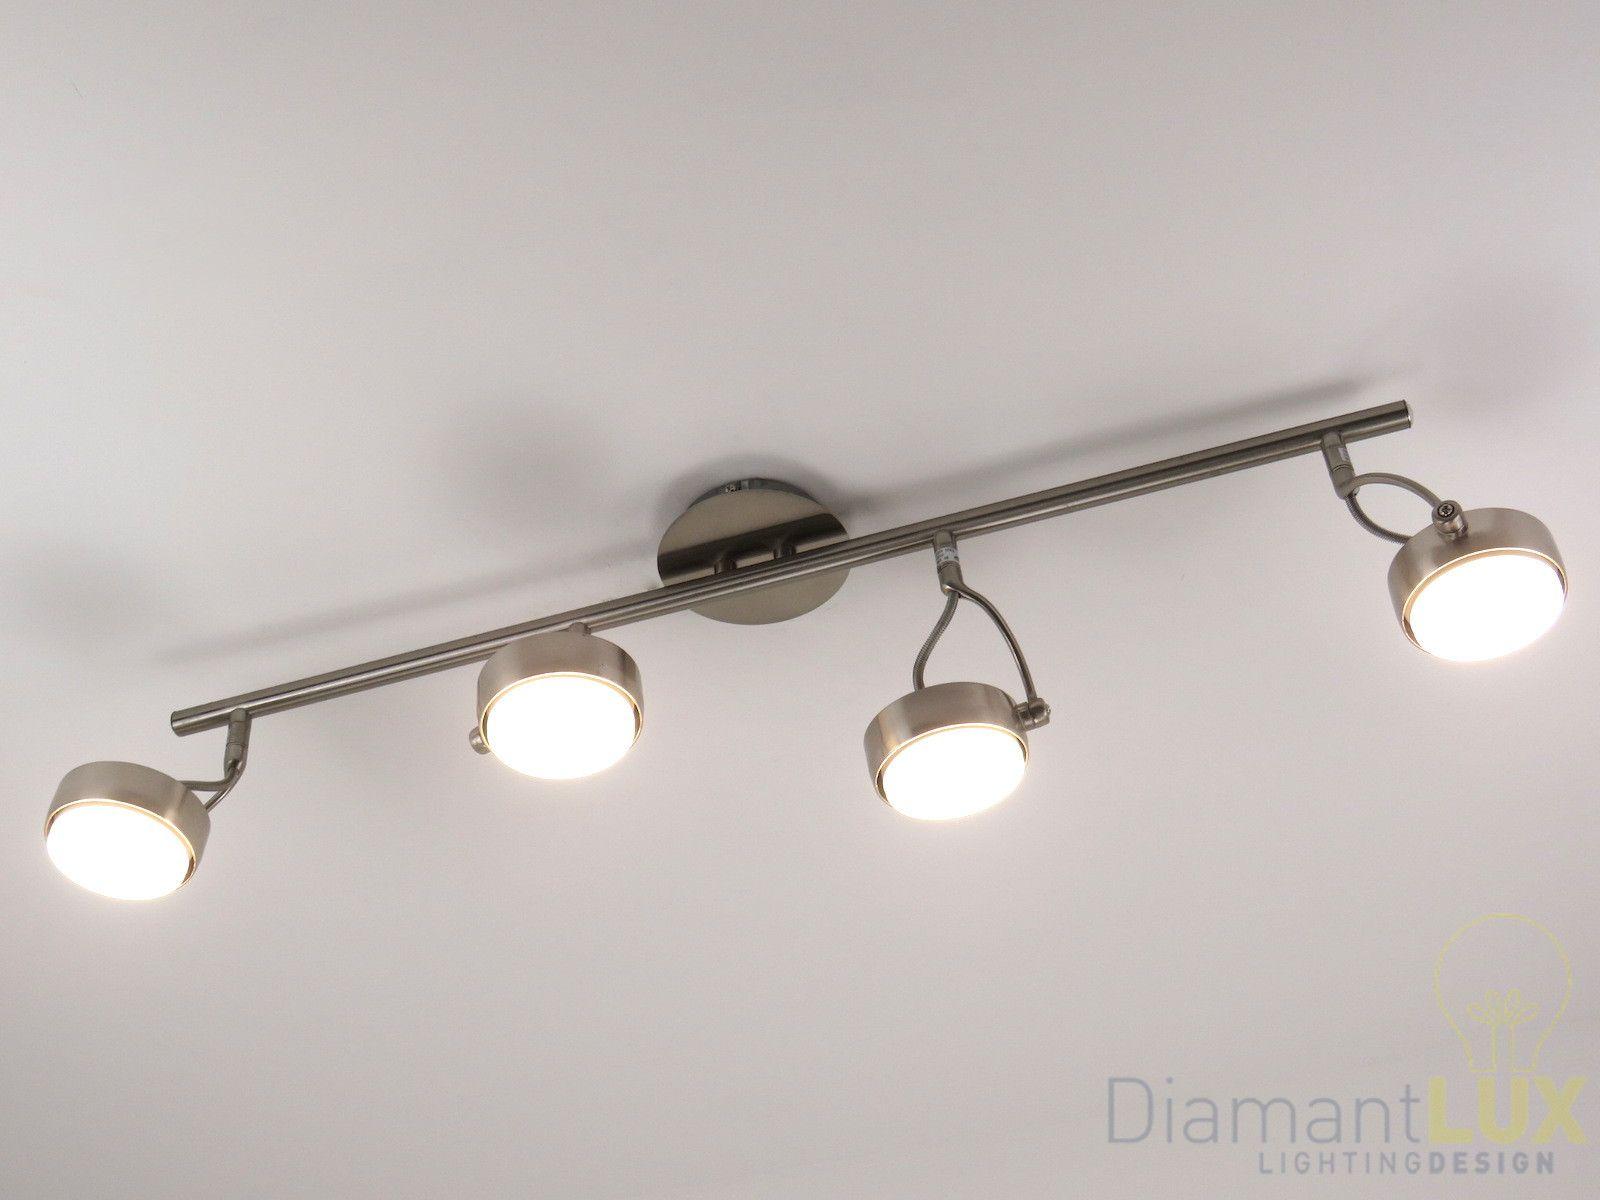 Lampadari A Faretti Led.Lampadario Da Soffitto Dal Design Moderno Con Faretti